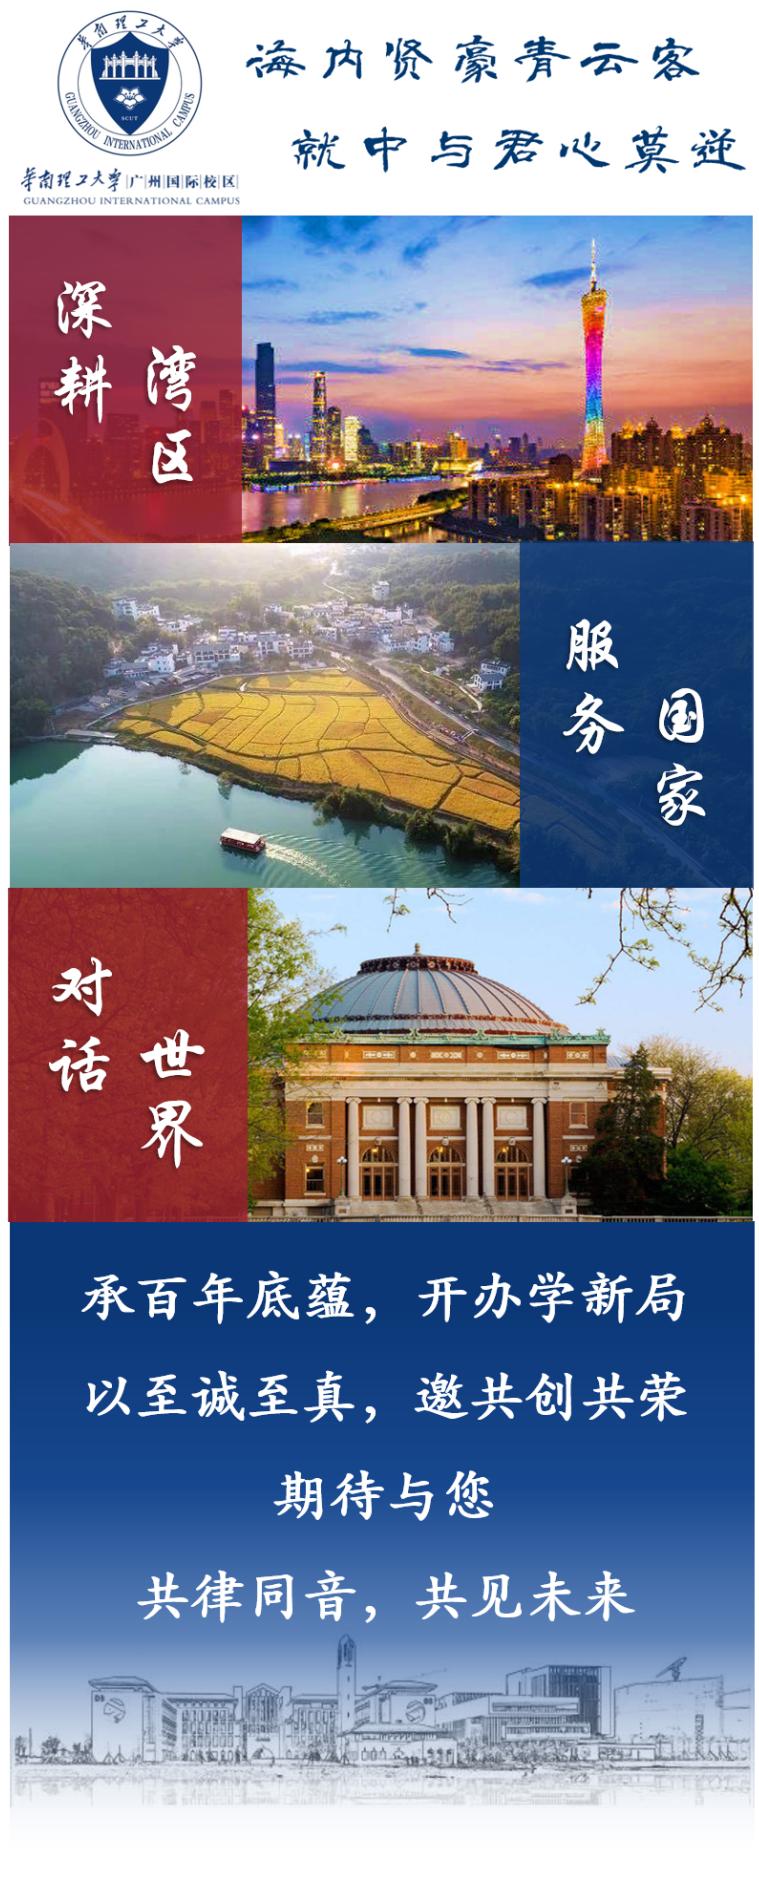 华南理工大学广州国际校区诚聘全球英才图片